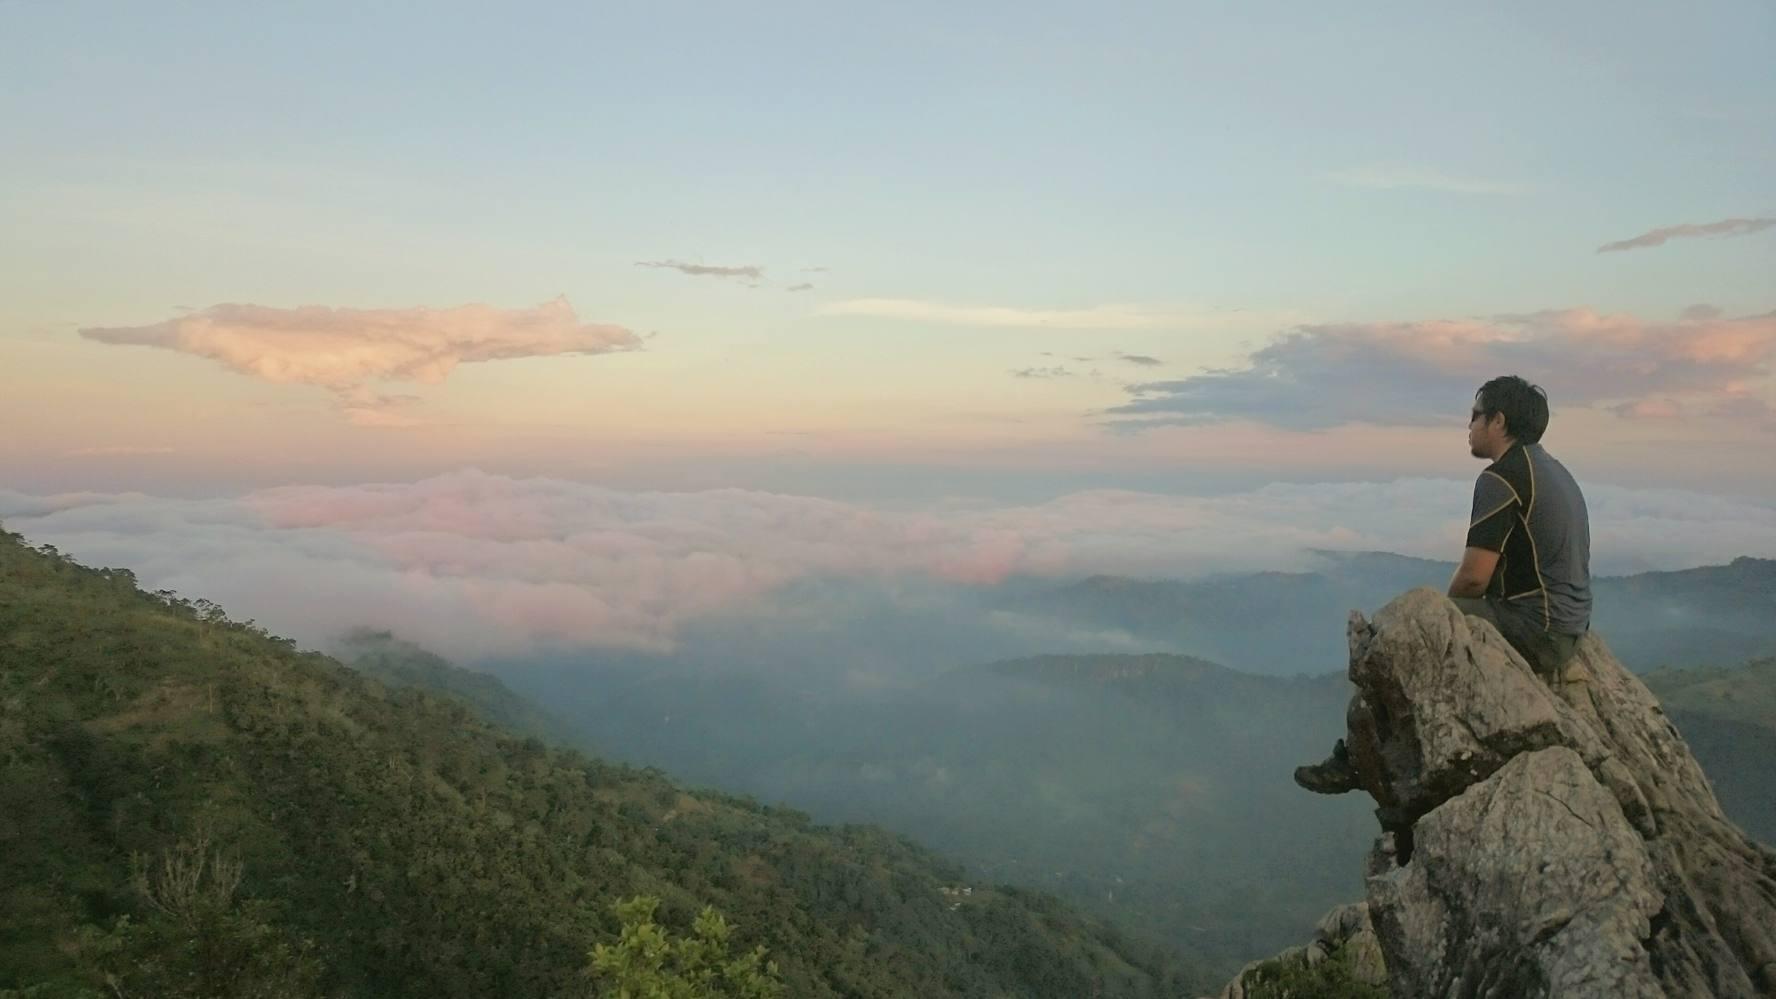 Manunggal Peak, Balamban | Photo by Mikoy Asis Ruiz